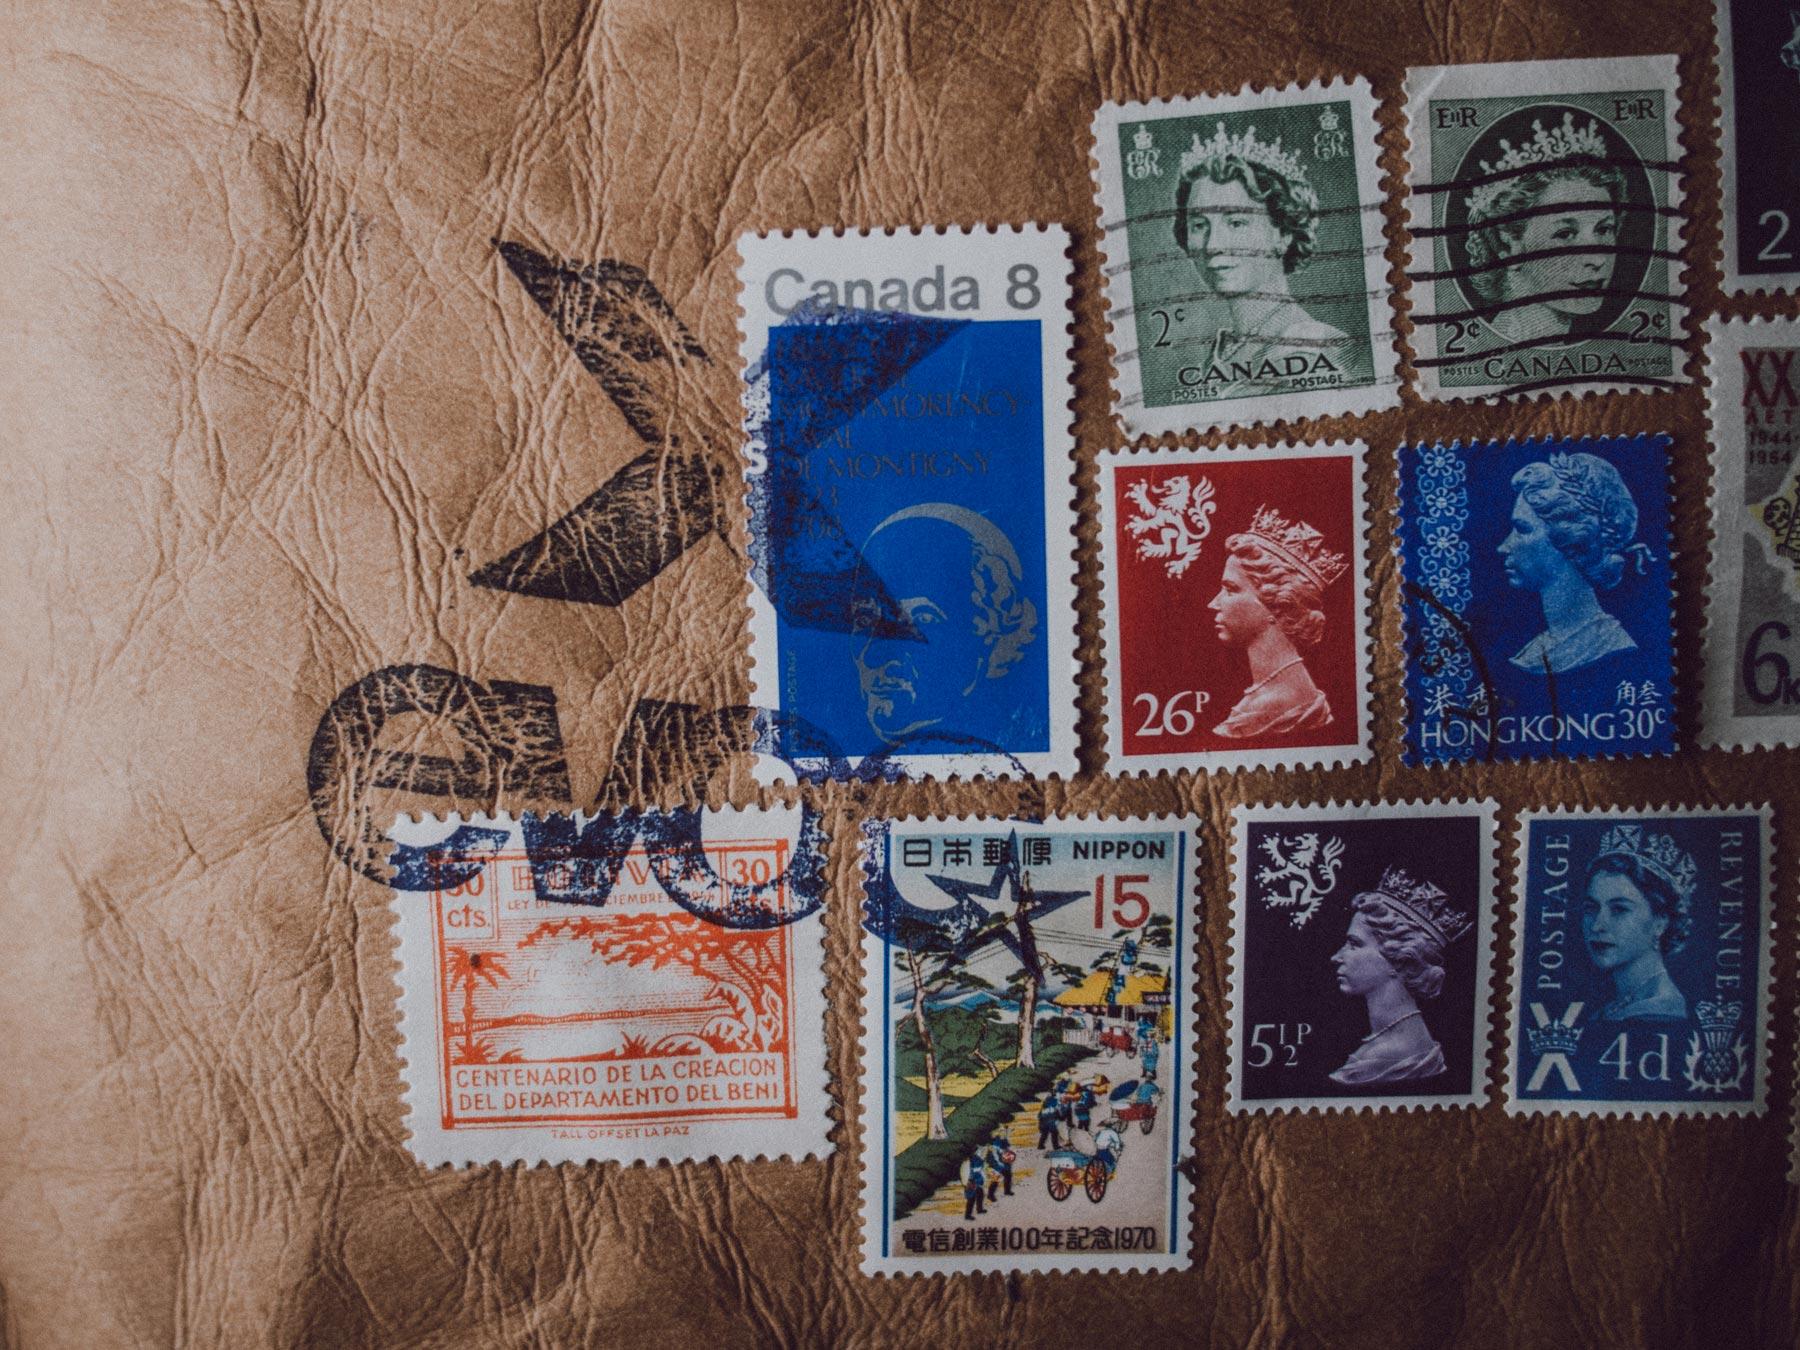 Man sieht den oberen rechten Teil des Einladungs-Mailing für Distributoren zum 10-Jährigen Jubiläum von evoc sports. Ein Kuvert aus Jeans-Label-Material mit bunten Briefmarken aus 10 Ländern ist abgebildet. Idee und Design sind von MAJORMAJOR.